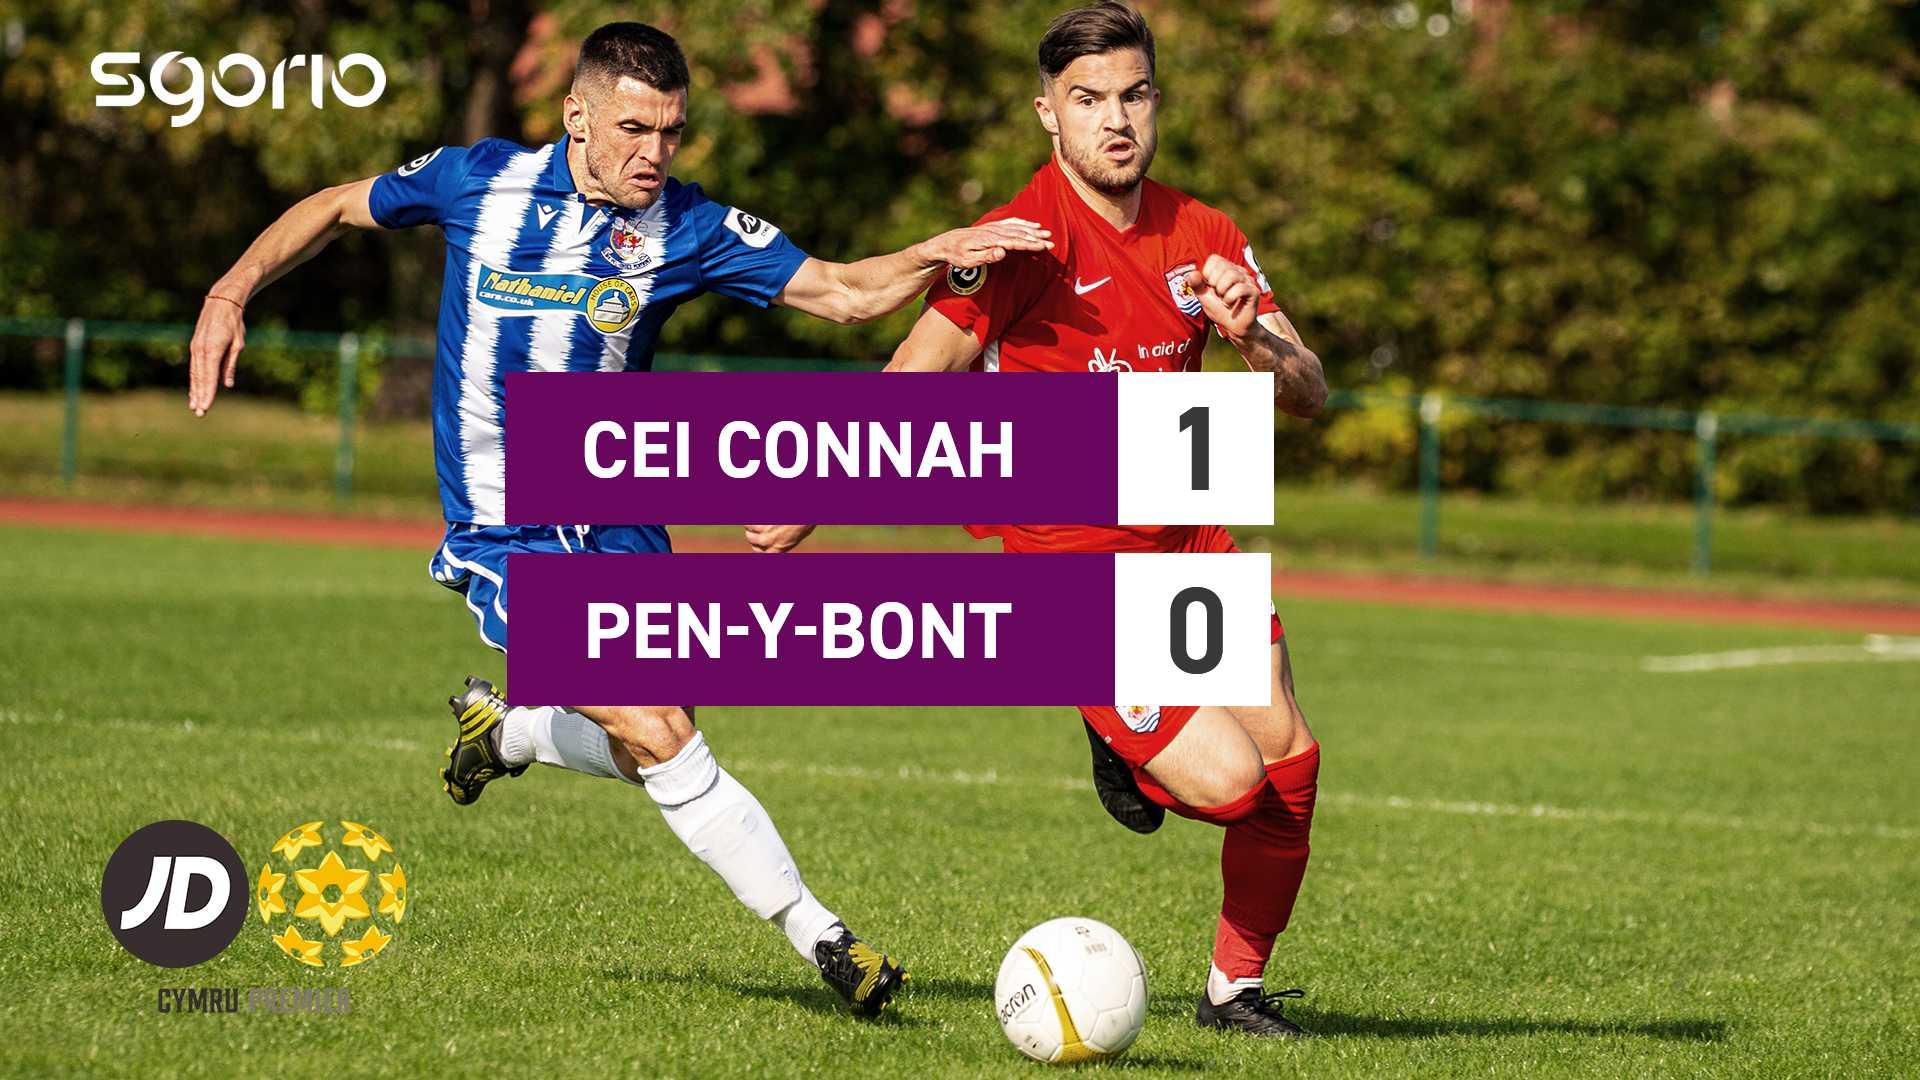 Connah's Quay 1-0 Pen-y-bont